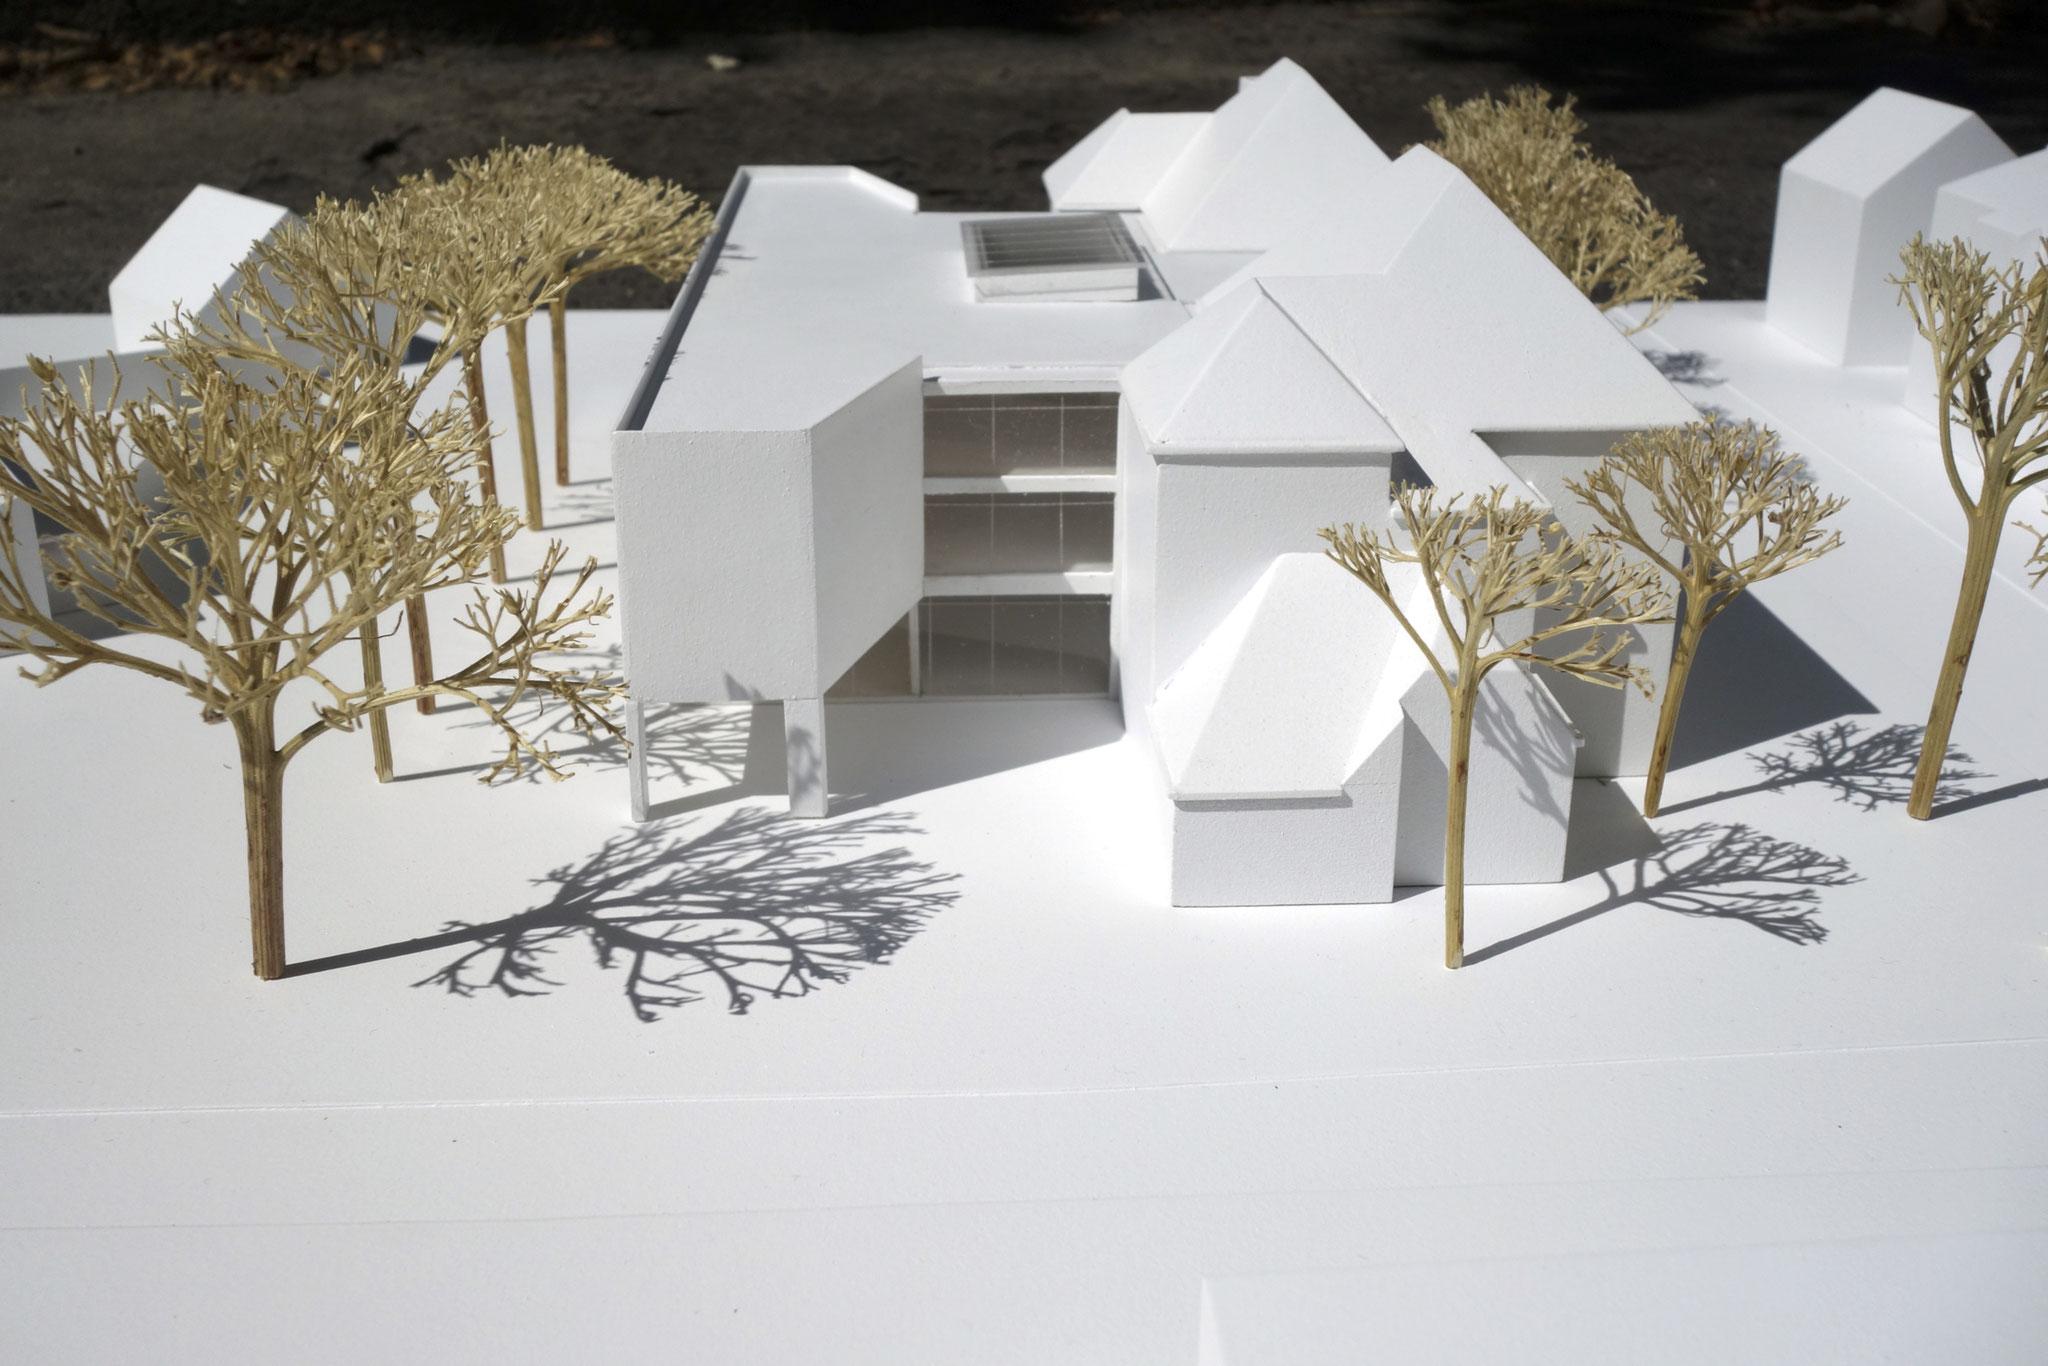 Ein dreigeschossiger Ergänzungsbau soll an der Verbinderstelle zwischen die Altbauten geschoben werden.